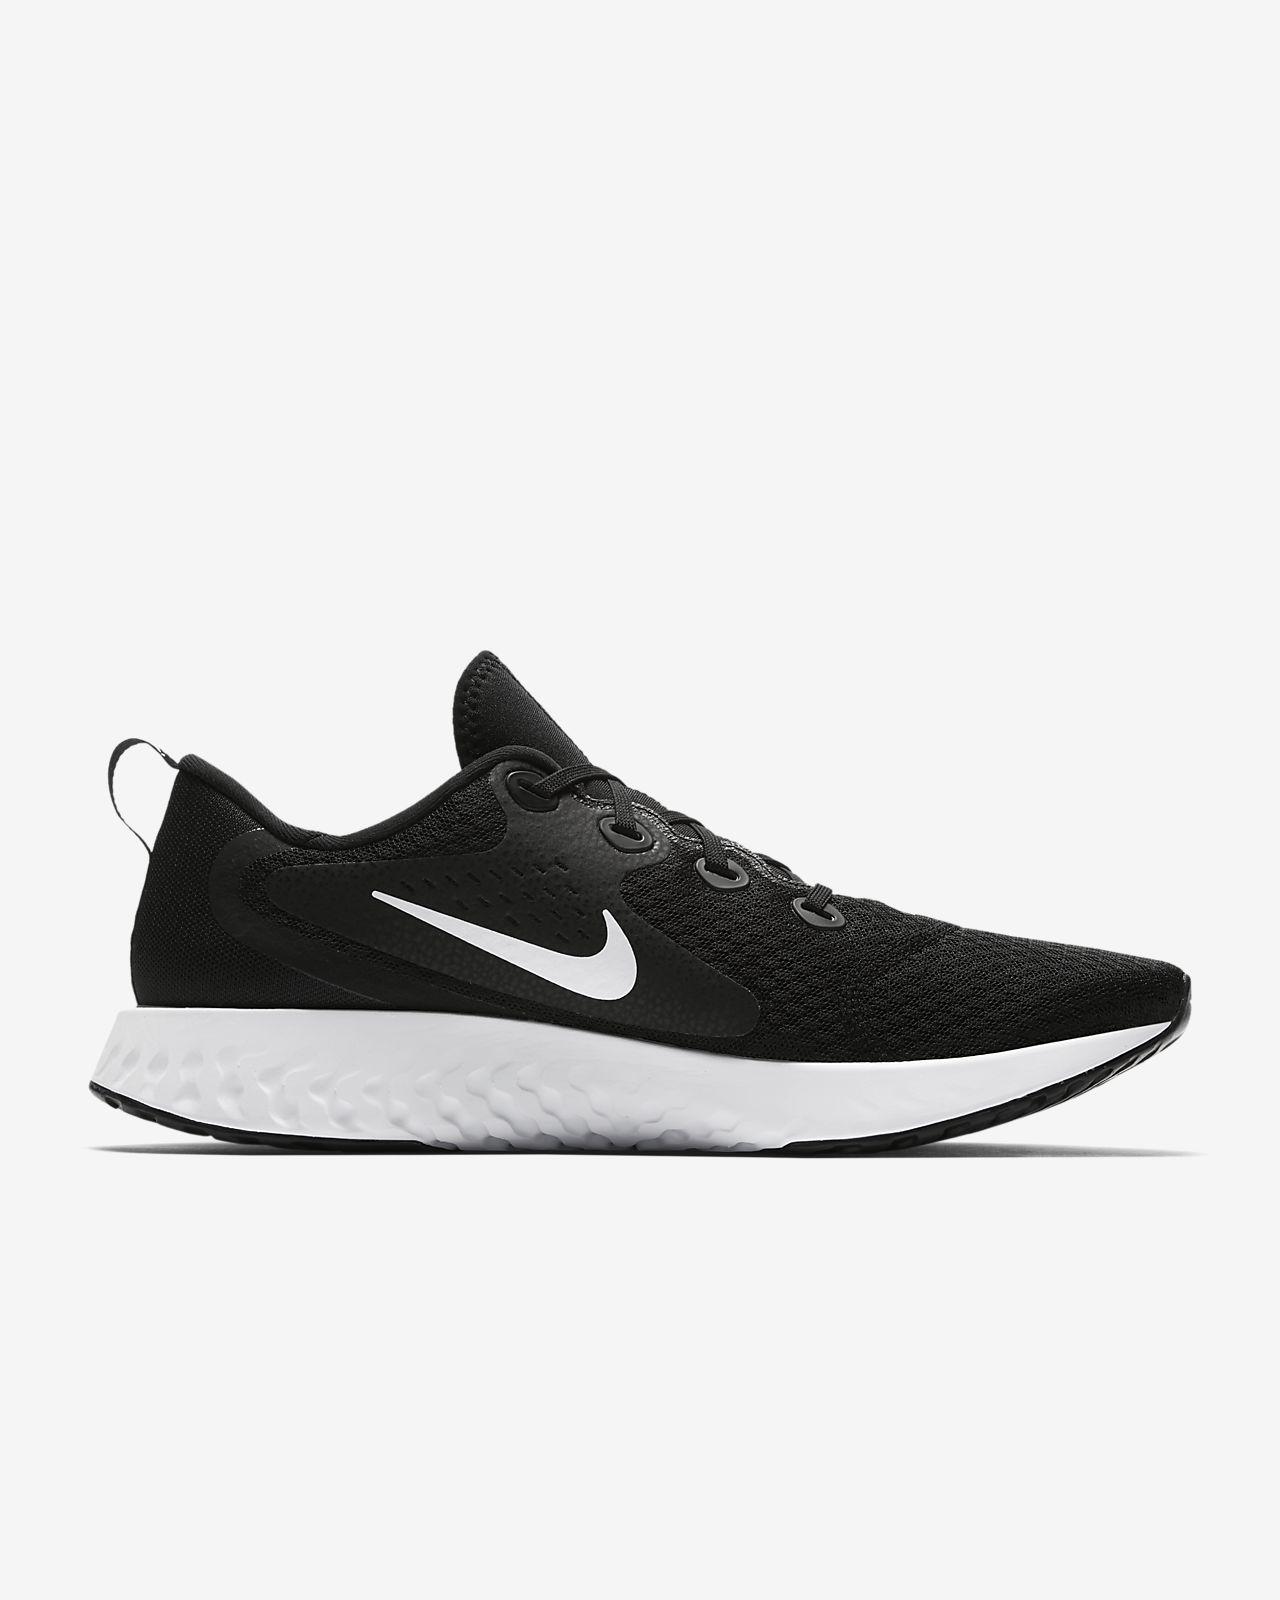 1c53761c8e2 Nike Legend React Zapatillas de running - Hombre. Nike.com ES